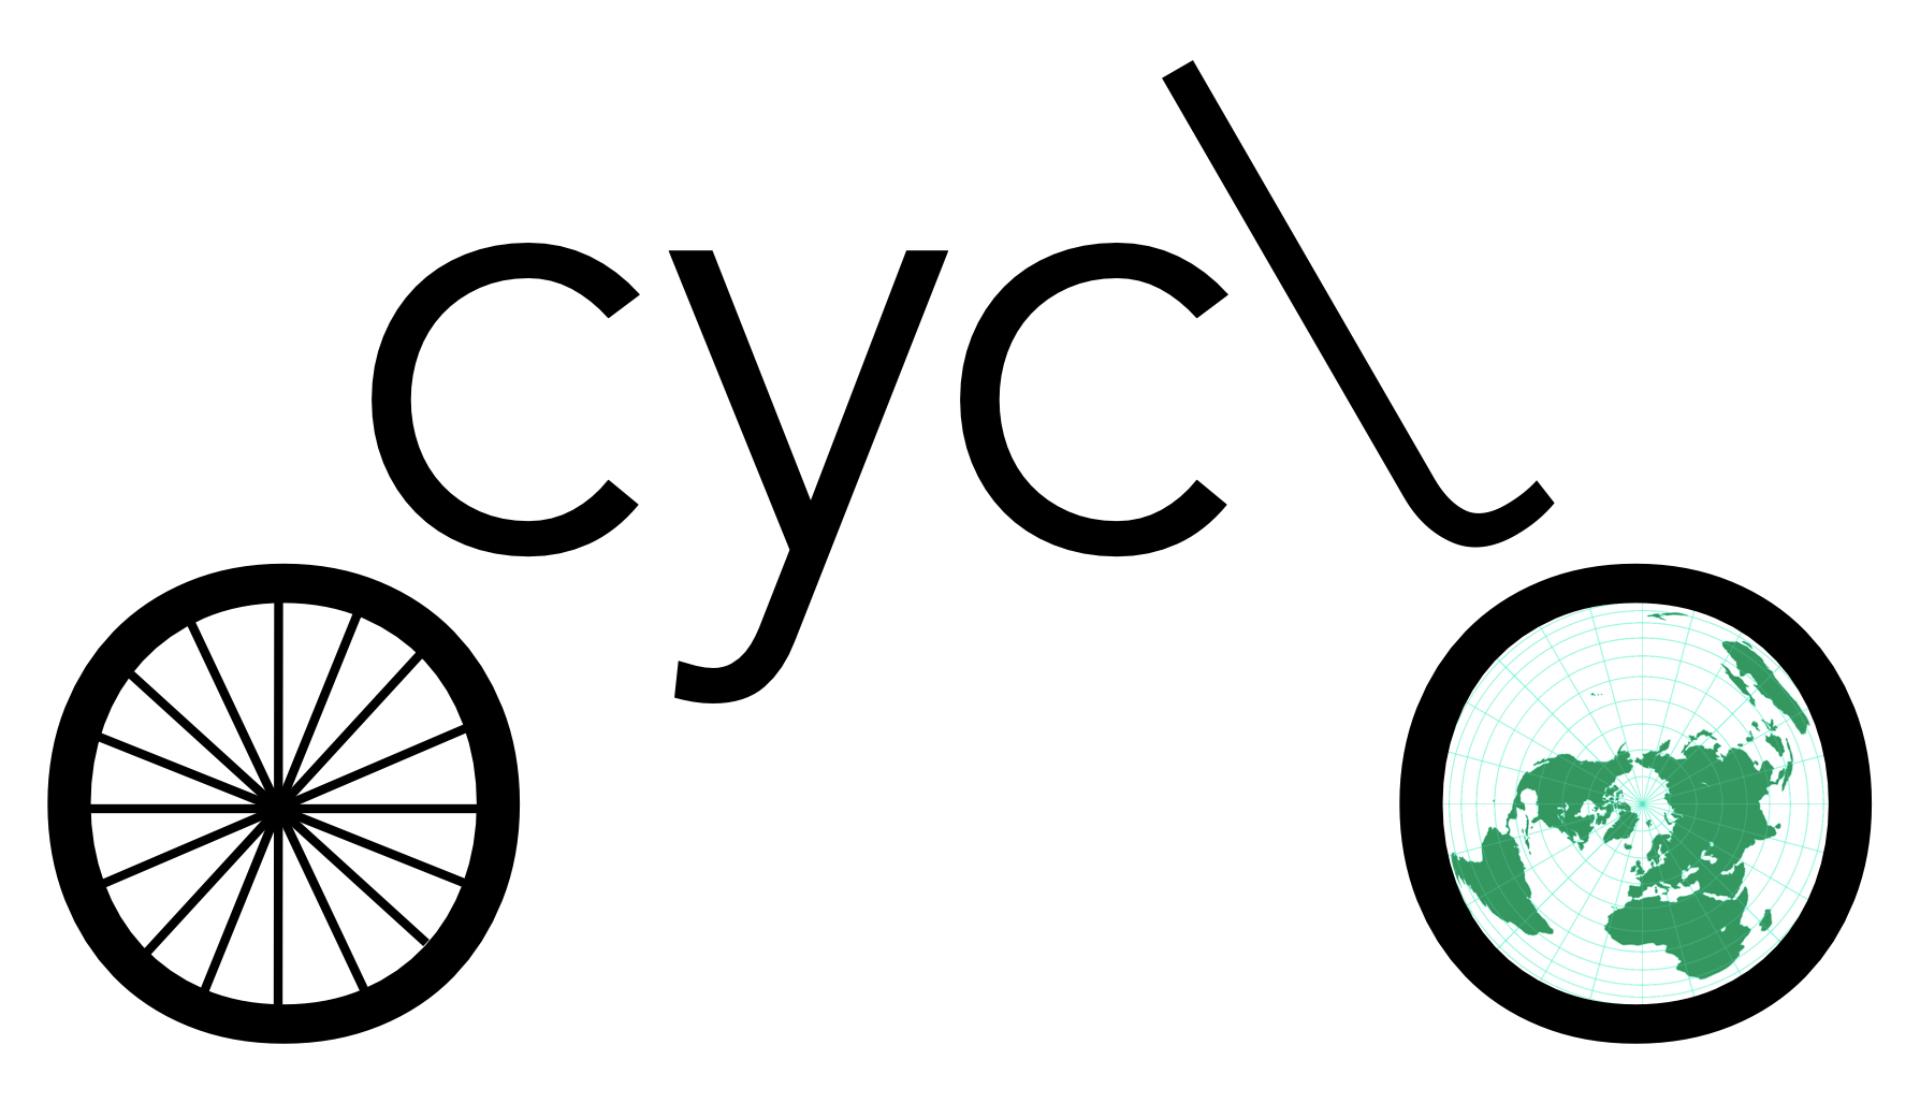 ocyclo